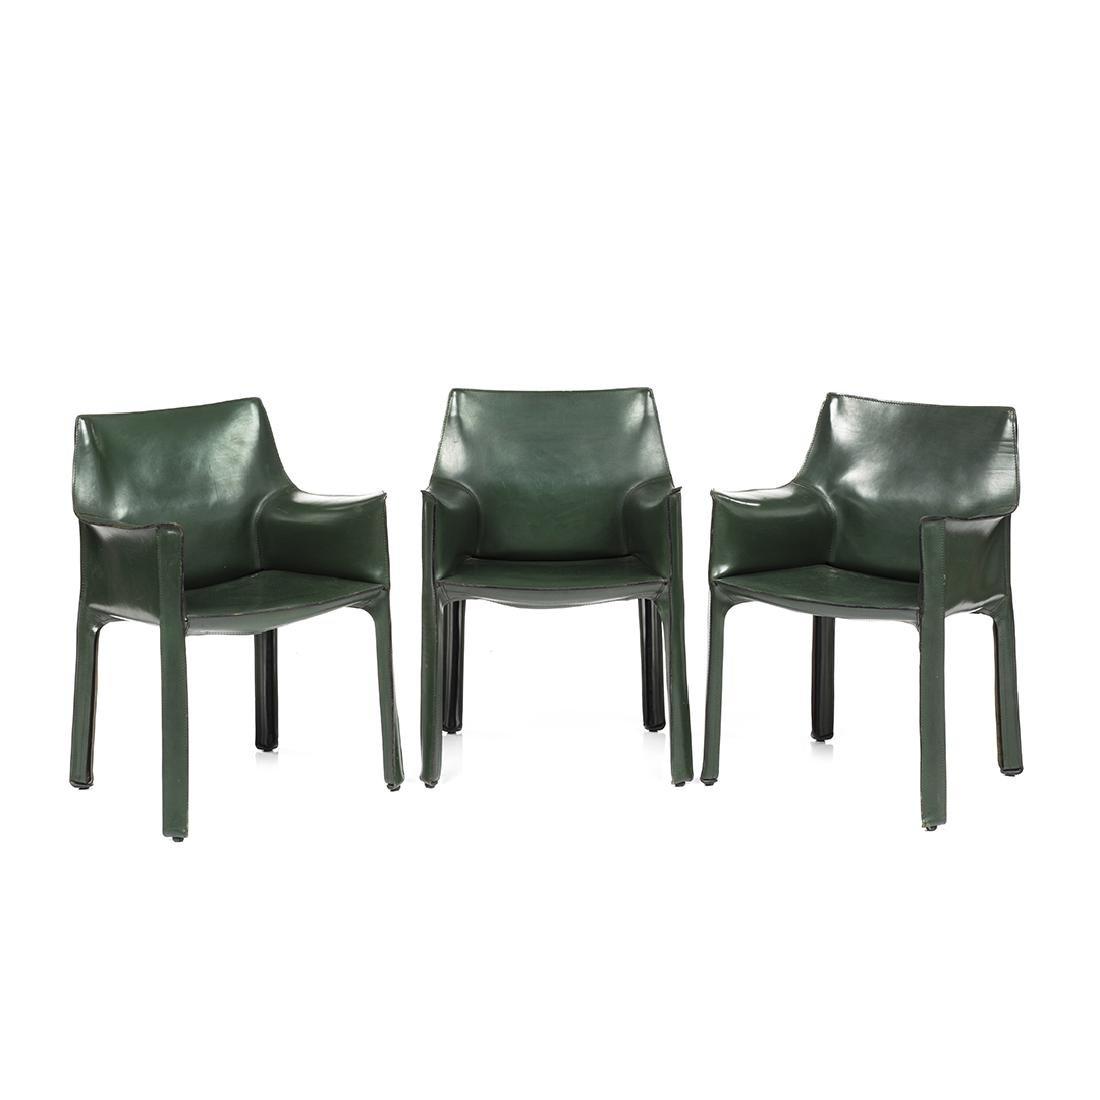 Mario Bellini Cab Chairs (3)